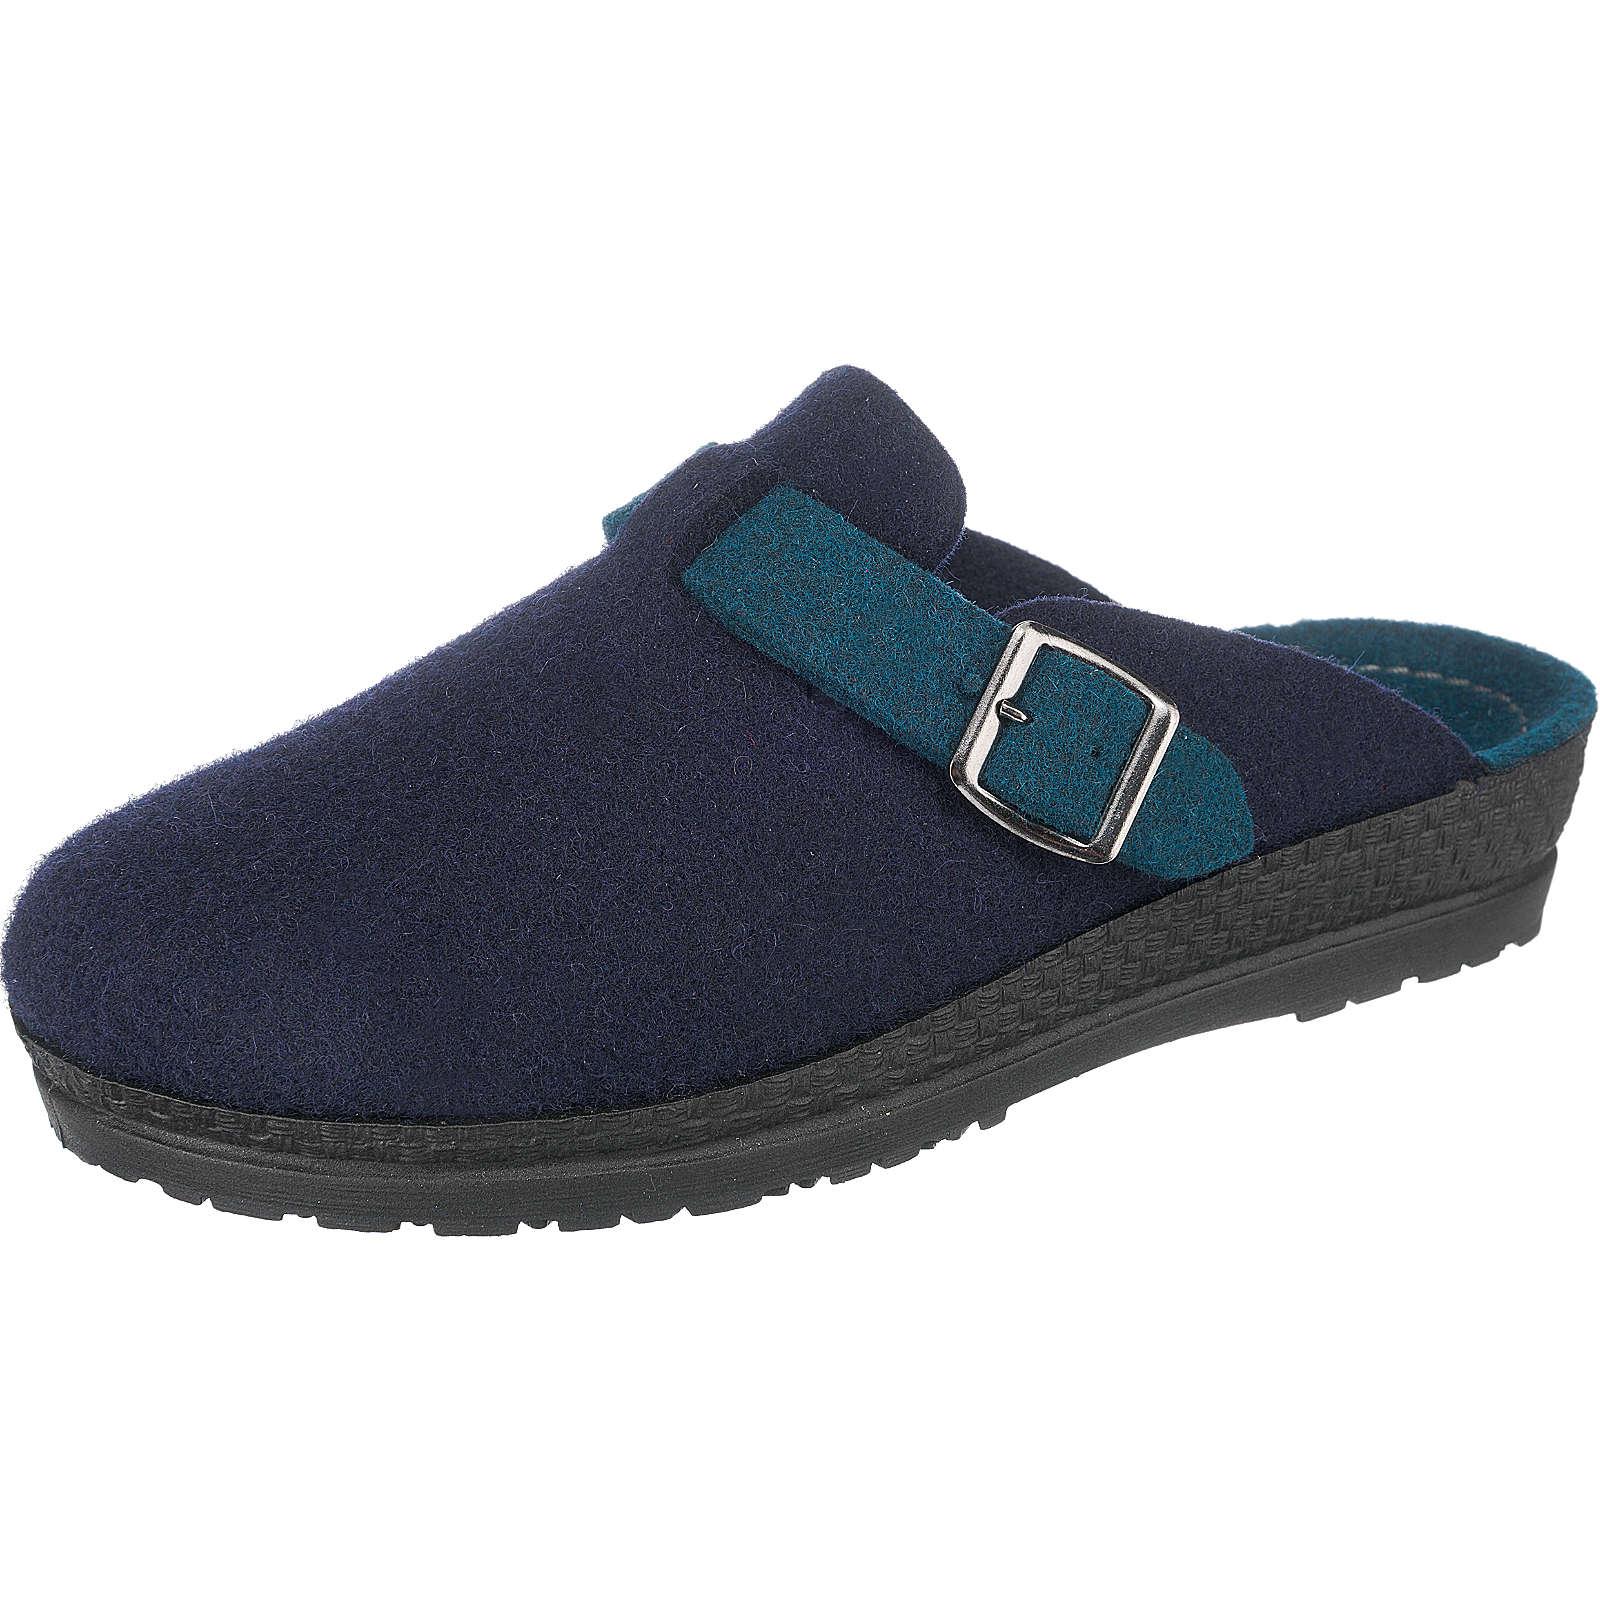 ROHDE Neustadt-D Pantoffeln dunkelblau Damen Gr. 40